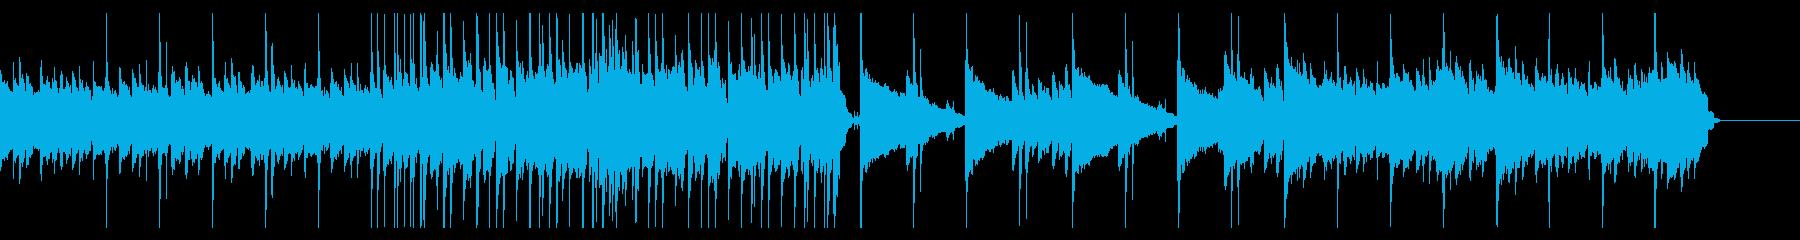 寂しげなアルペジオが印象的なバンド曲の再生済みの波形